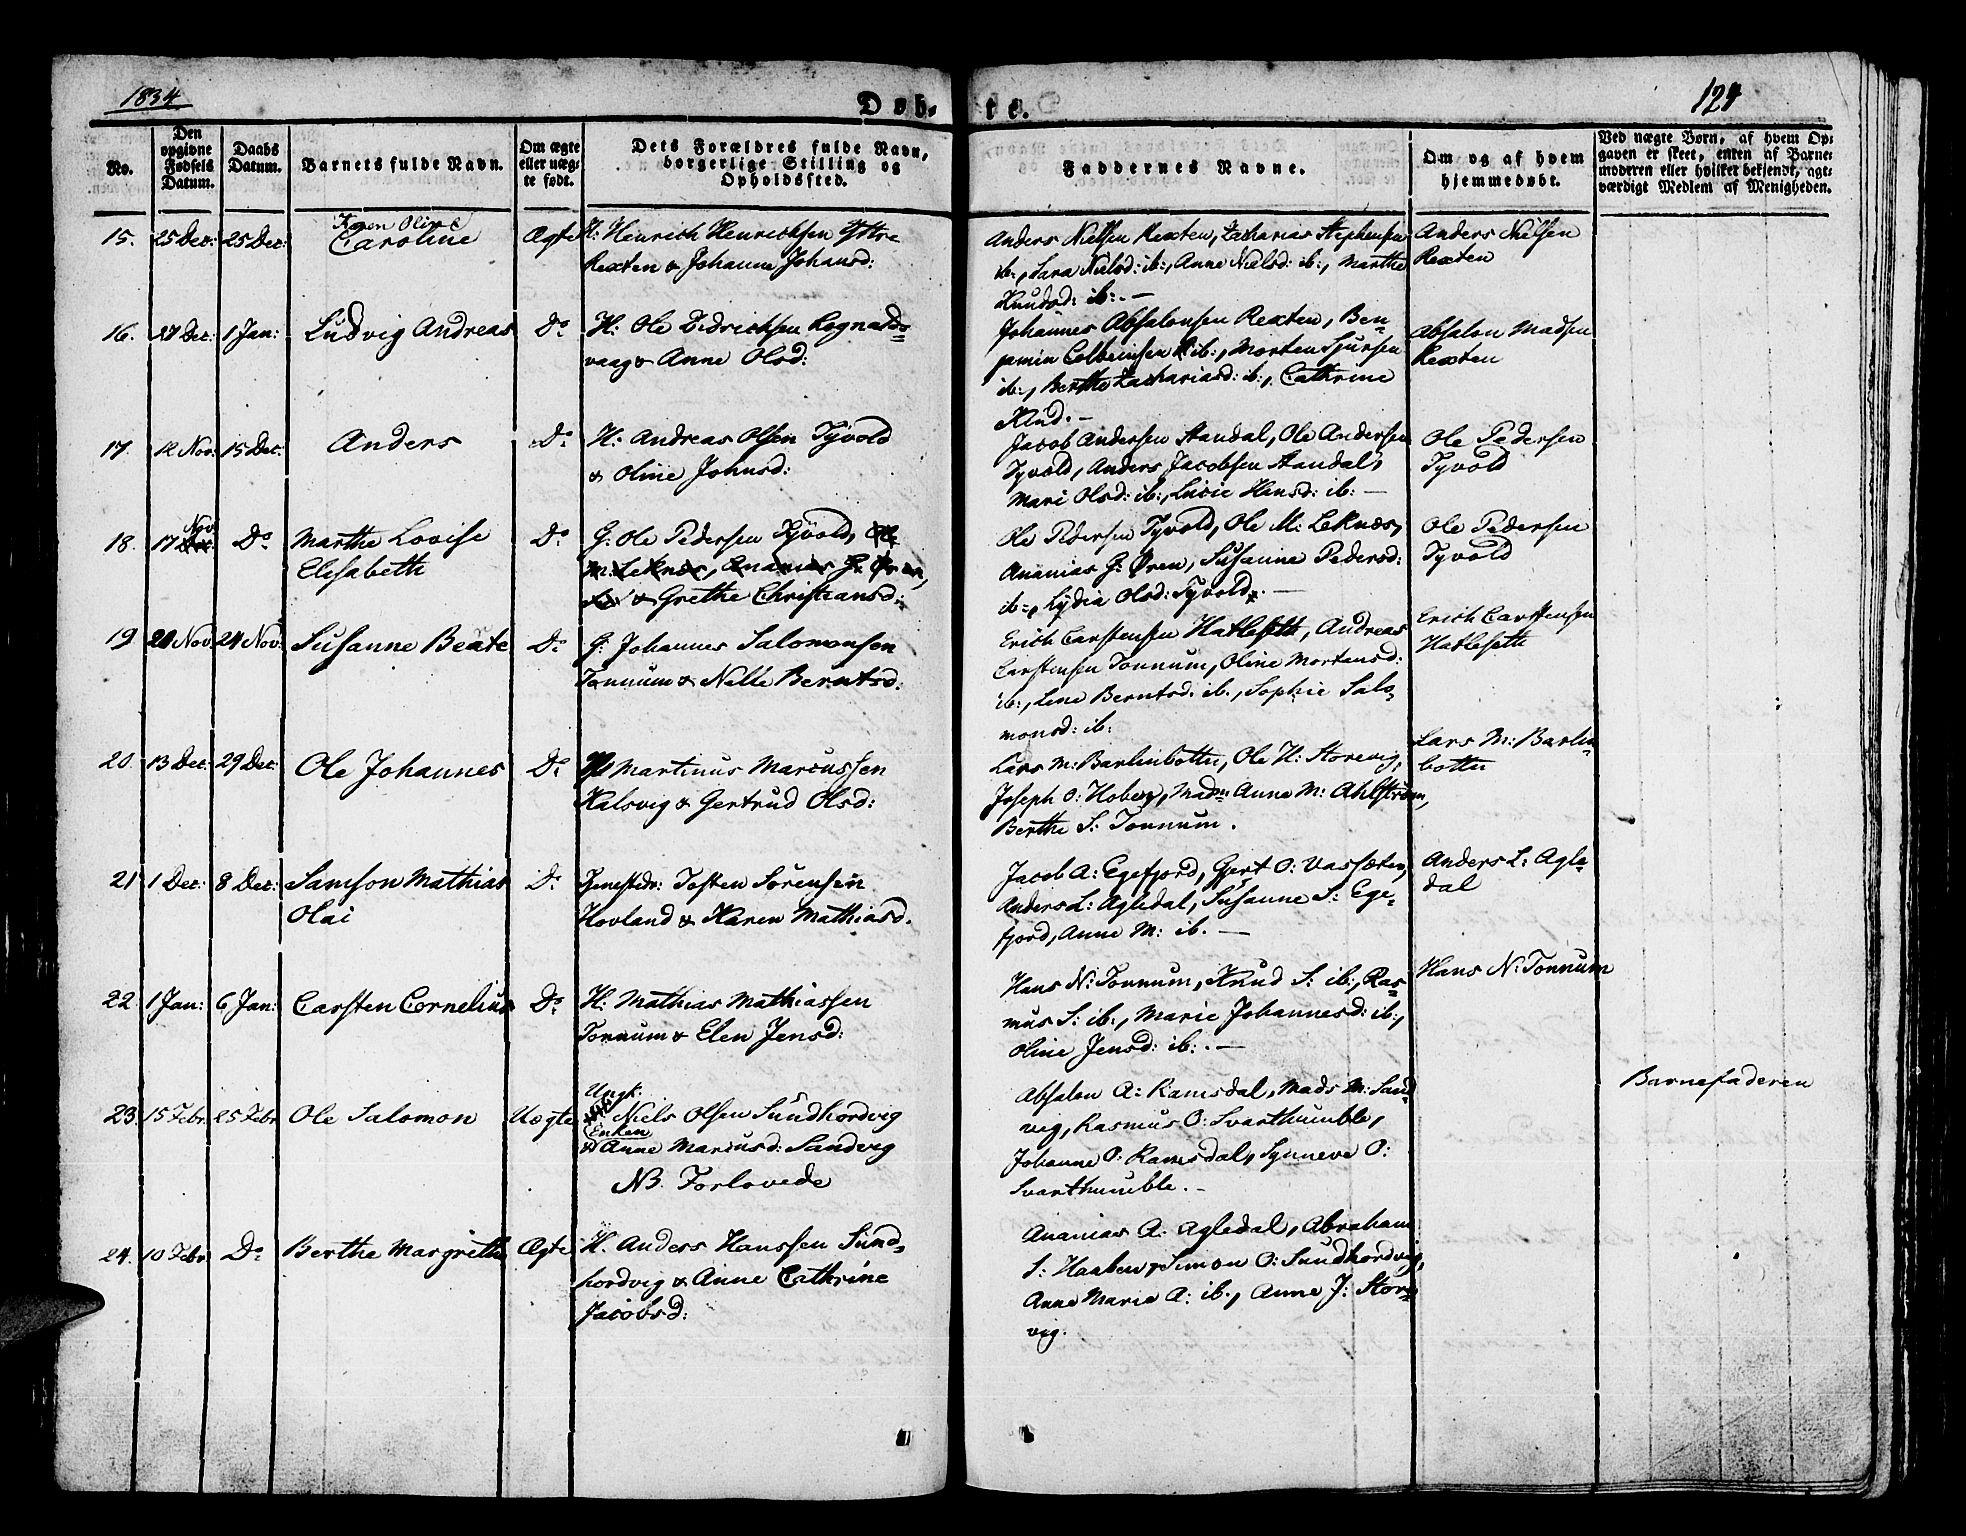 SAB, Kinn Sokneprestembete, Ministerialbok nr. A 4I, 1822-1840, s. 124